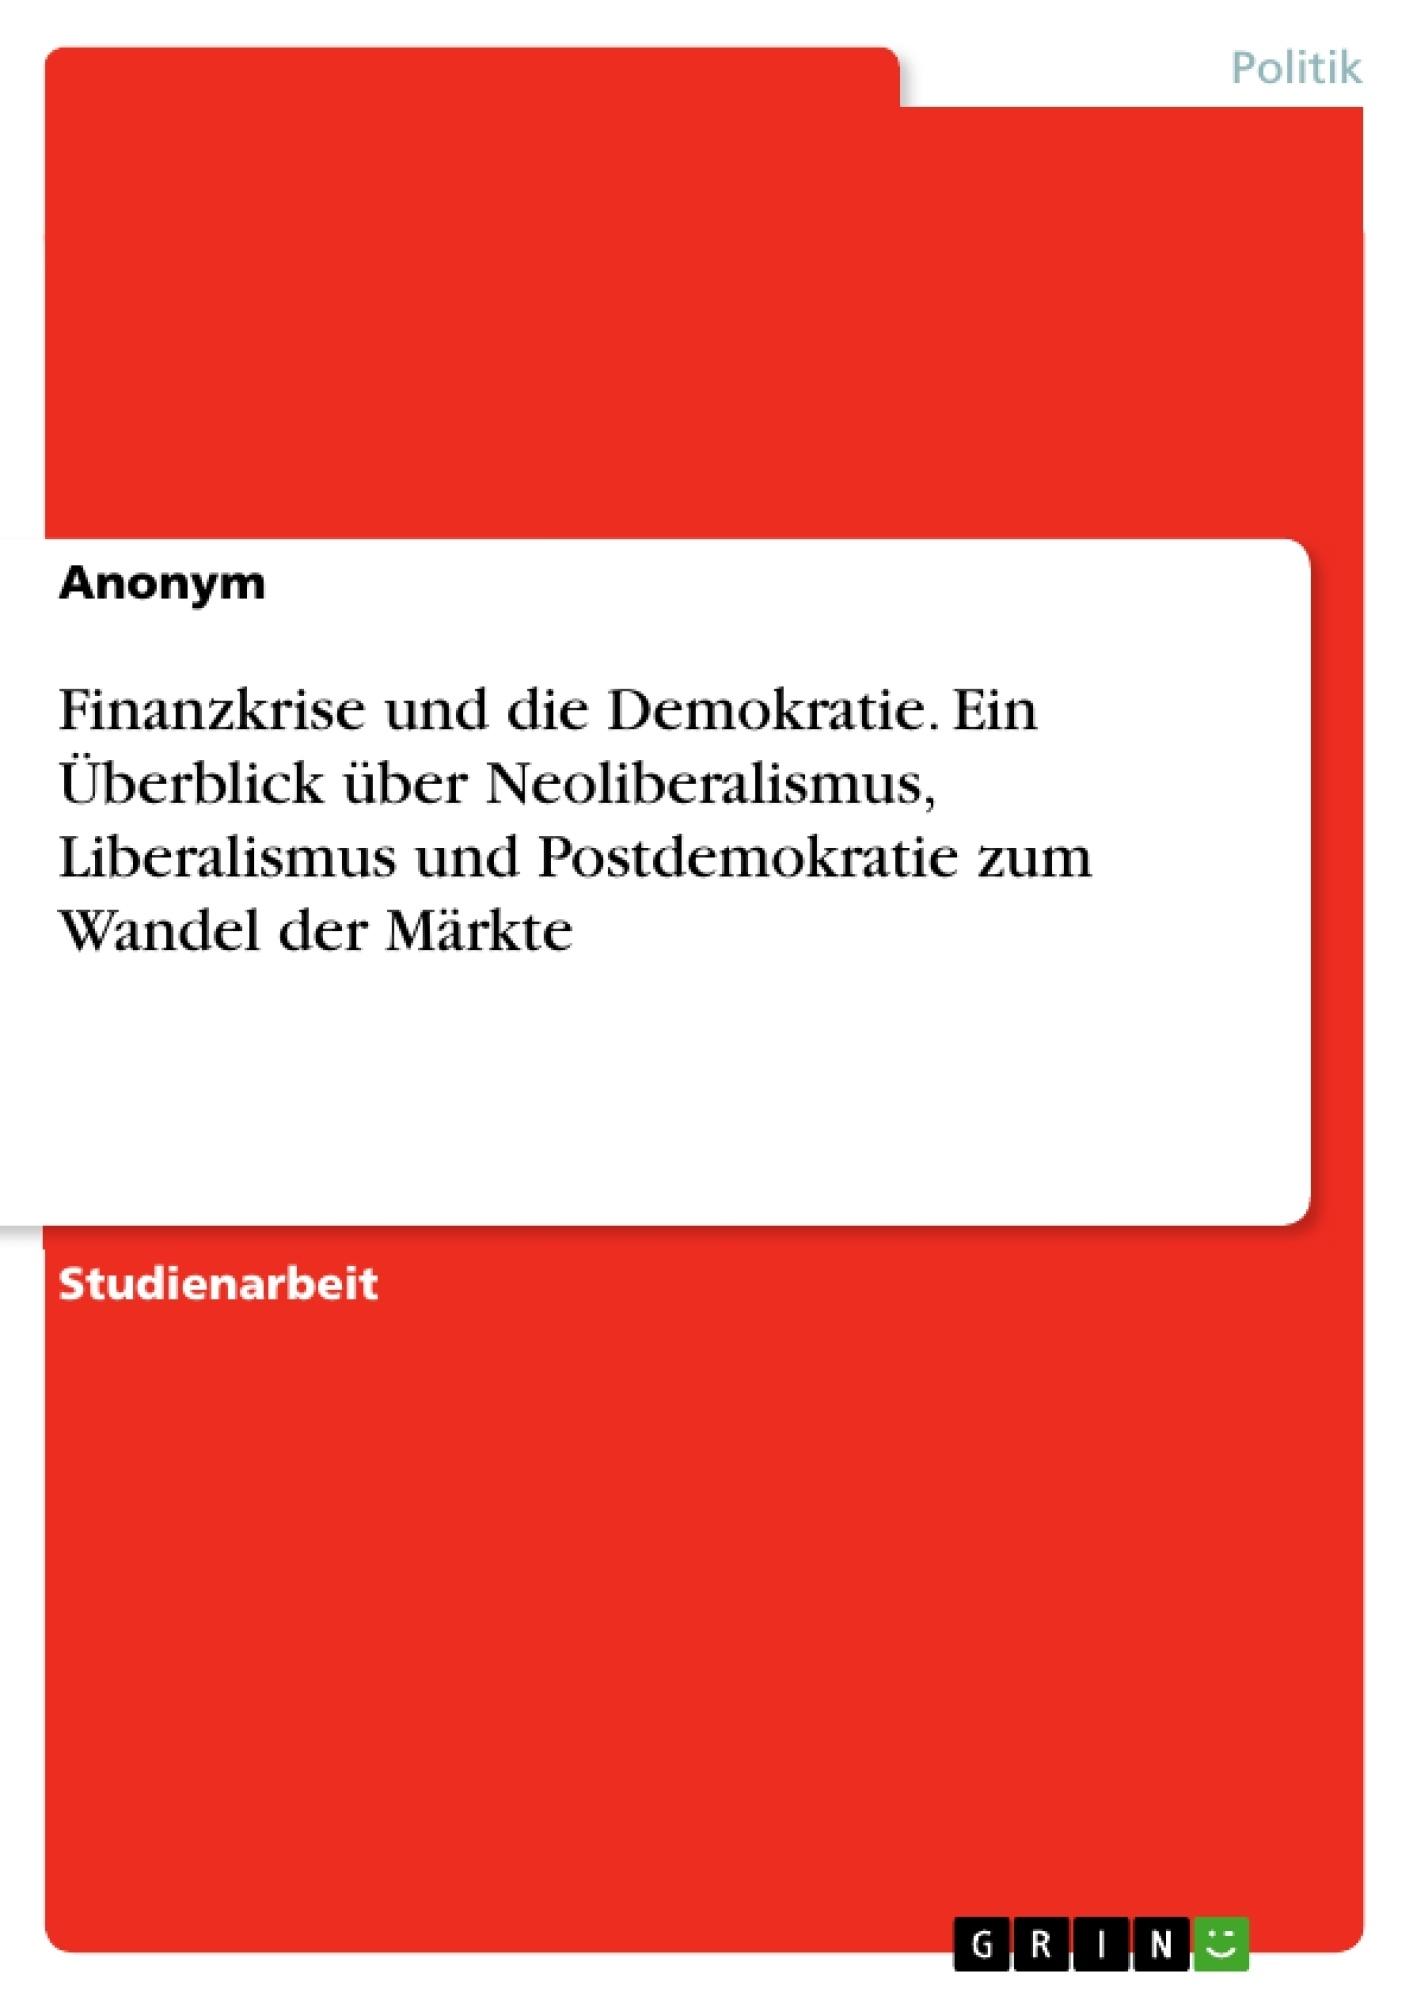 Titel: Finanzkrise und die Demokratie. Ein Überblick über Neoliberalismus, Liberalismus und Postdemokratie zum Wandel der Märkte